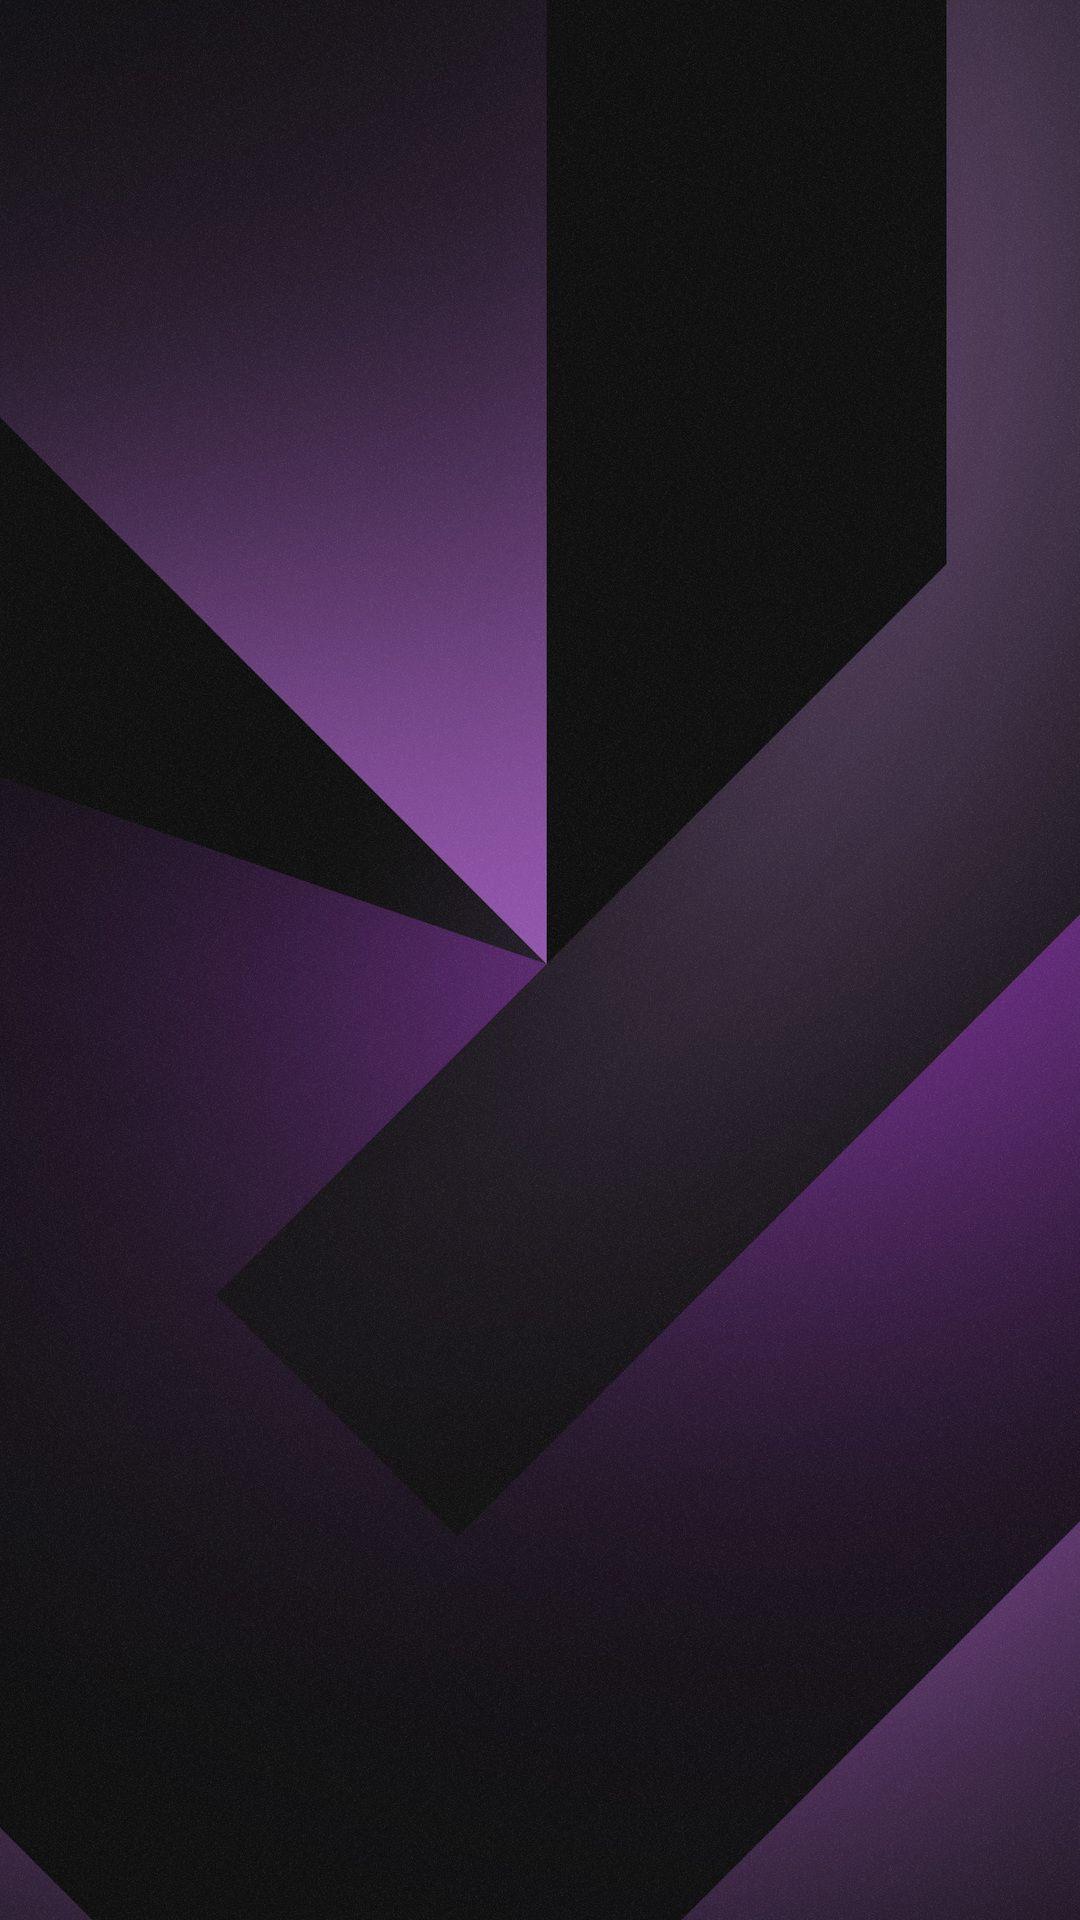 Abstract Dark Purple 4k In 1080x1920 Resolution Dark Purple Wallpaper Abstract Purple Wallpaper